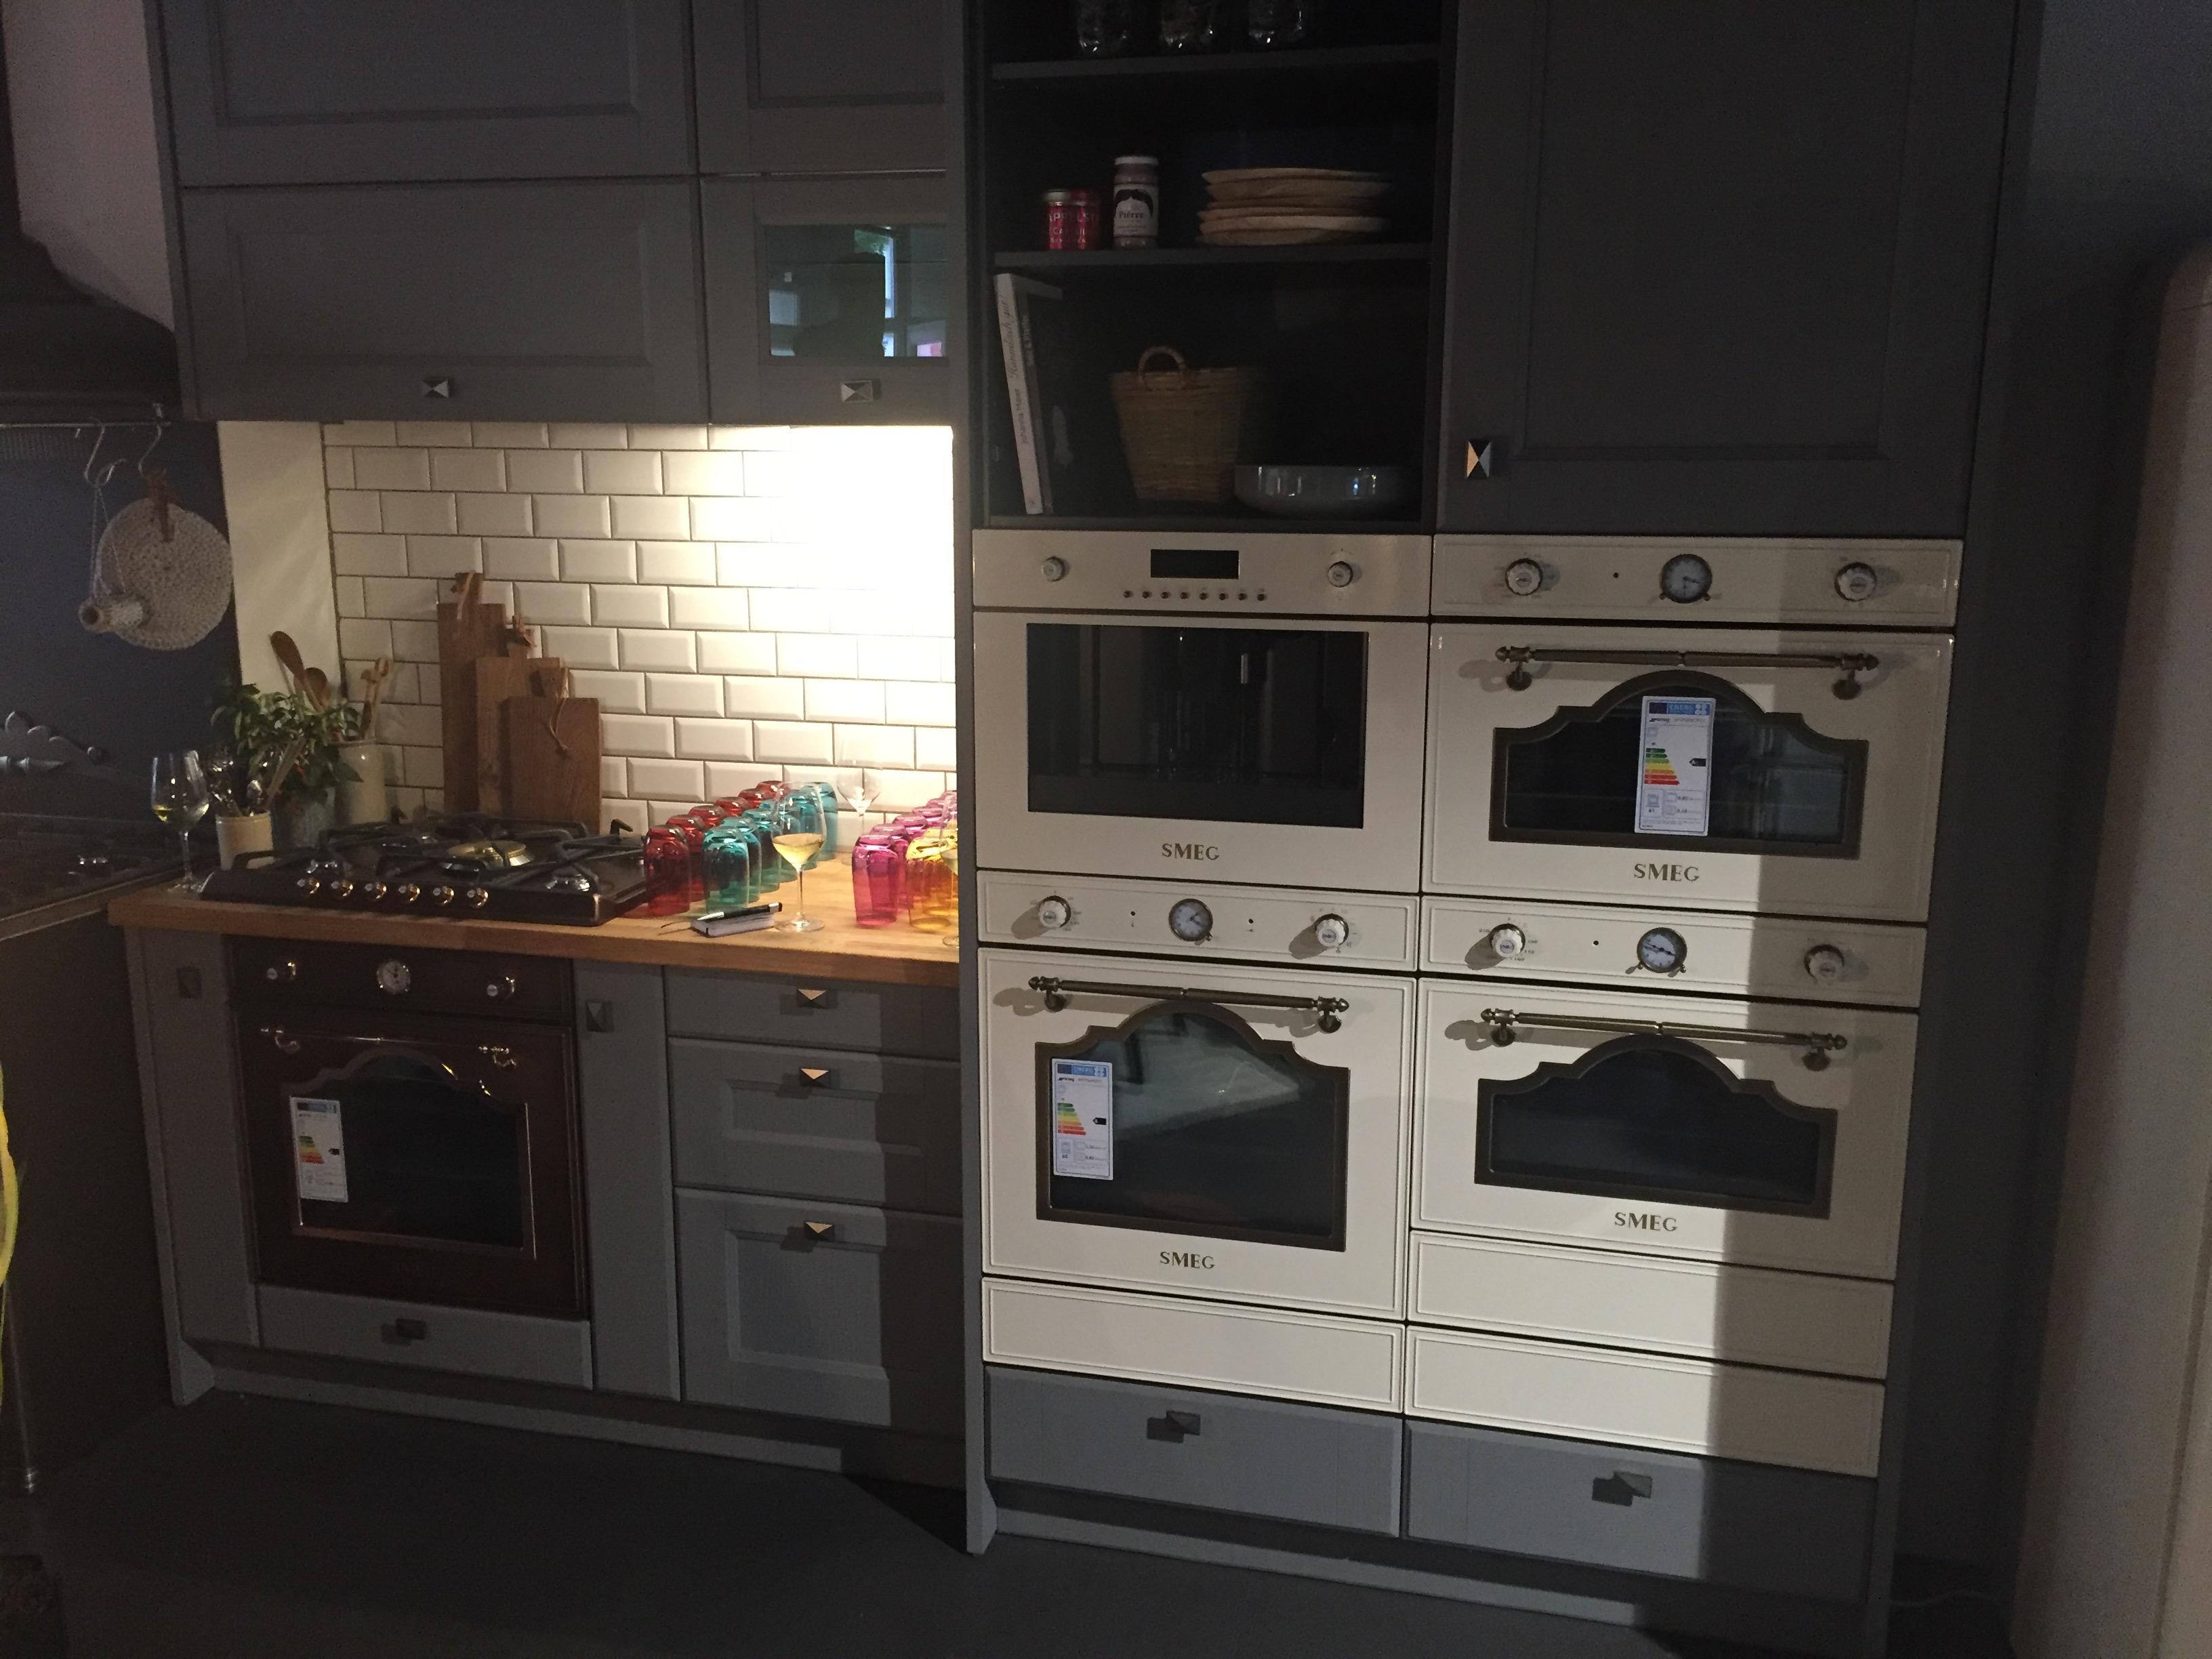 Smeg Kühlschrank Fab30rp1 : Smeg münchen smeg tsf creu scheiben toaster creme